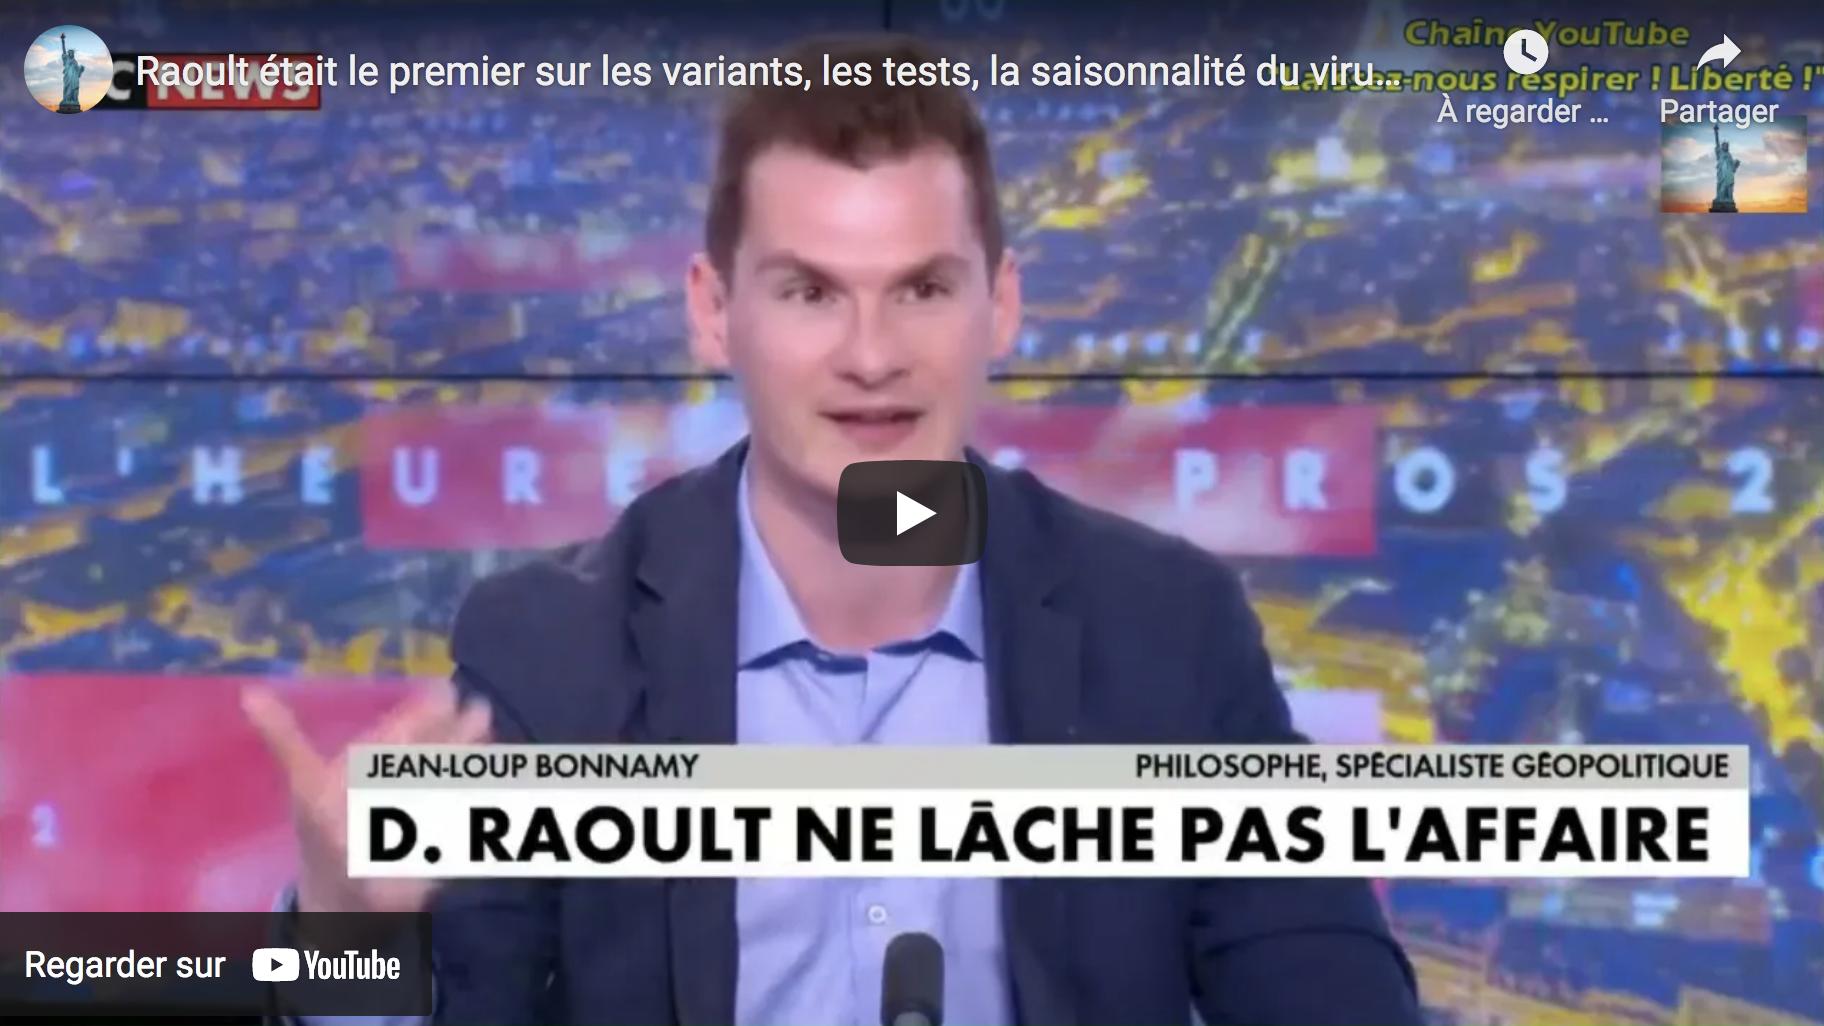 Jean-Loup Bonnamy : Le Pr Didier Raoult était le premier sur les variants, les tests, la saisonnalité du virus (VIDÉO)